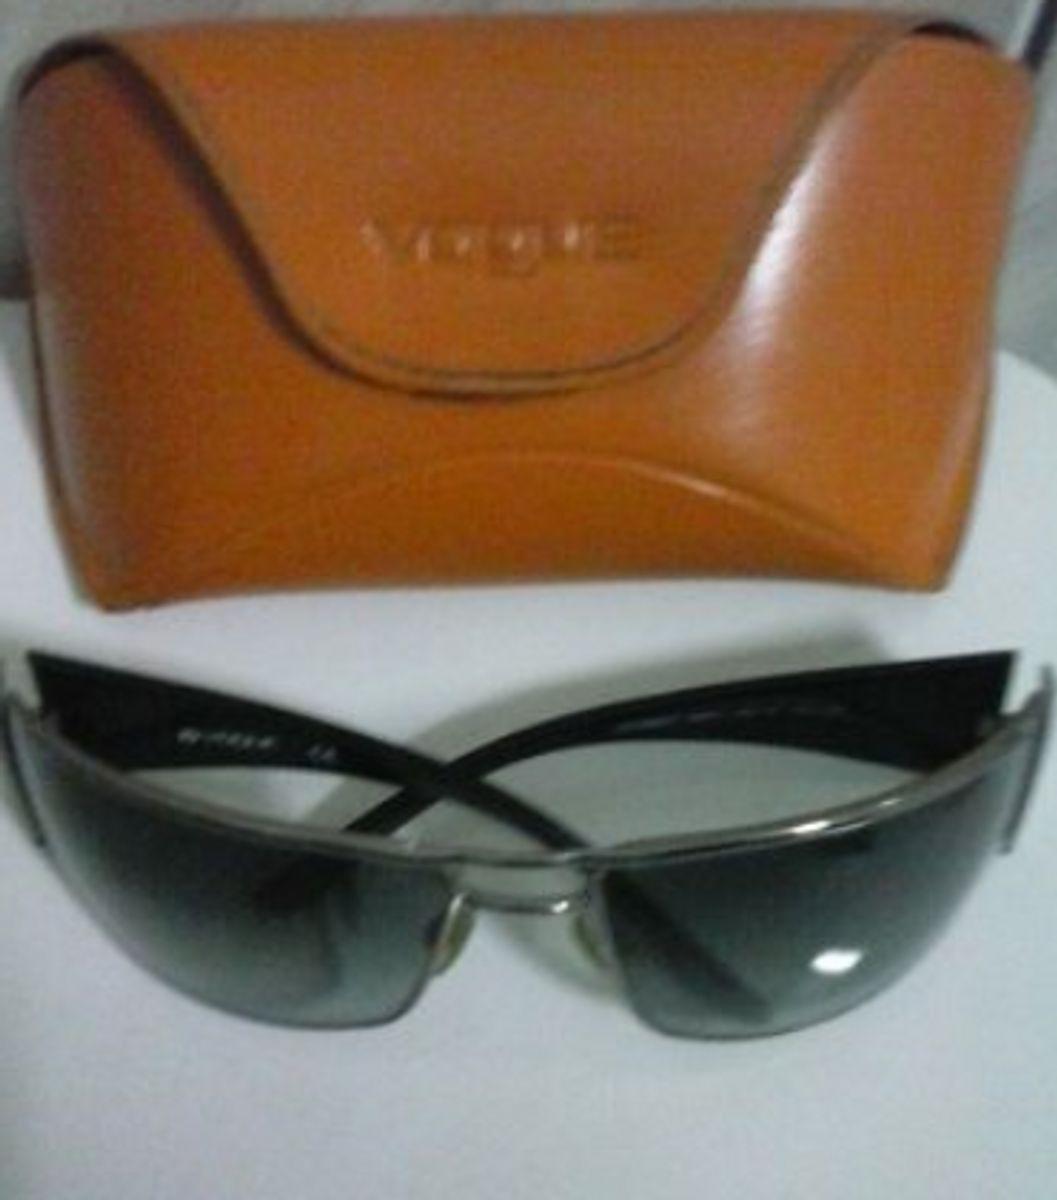 8ec9907e4 Oculos de Sol Vogue Original Unisex | Óculos Feminino Vogue Usado ...